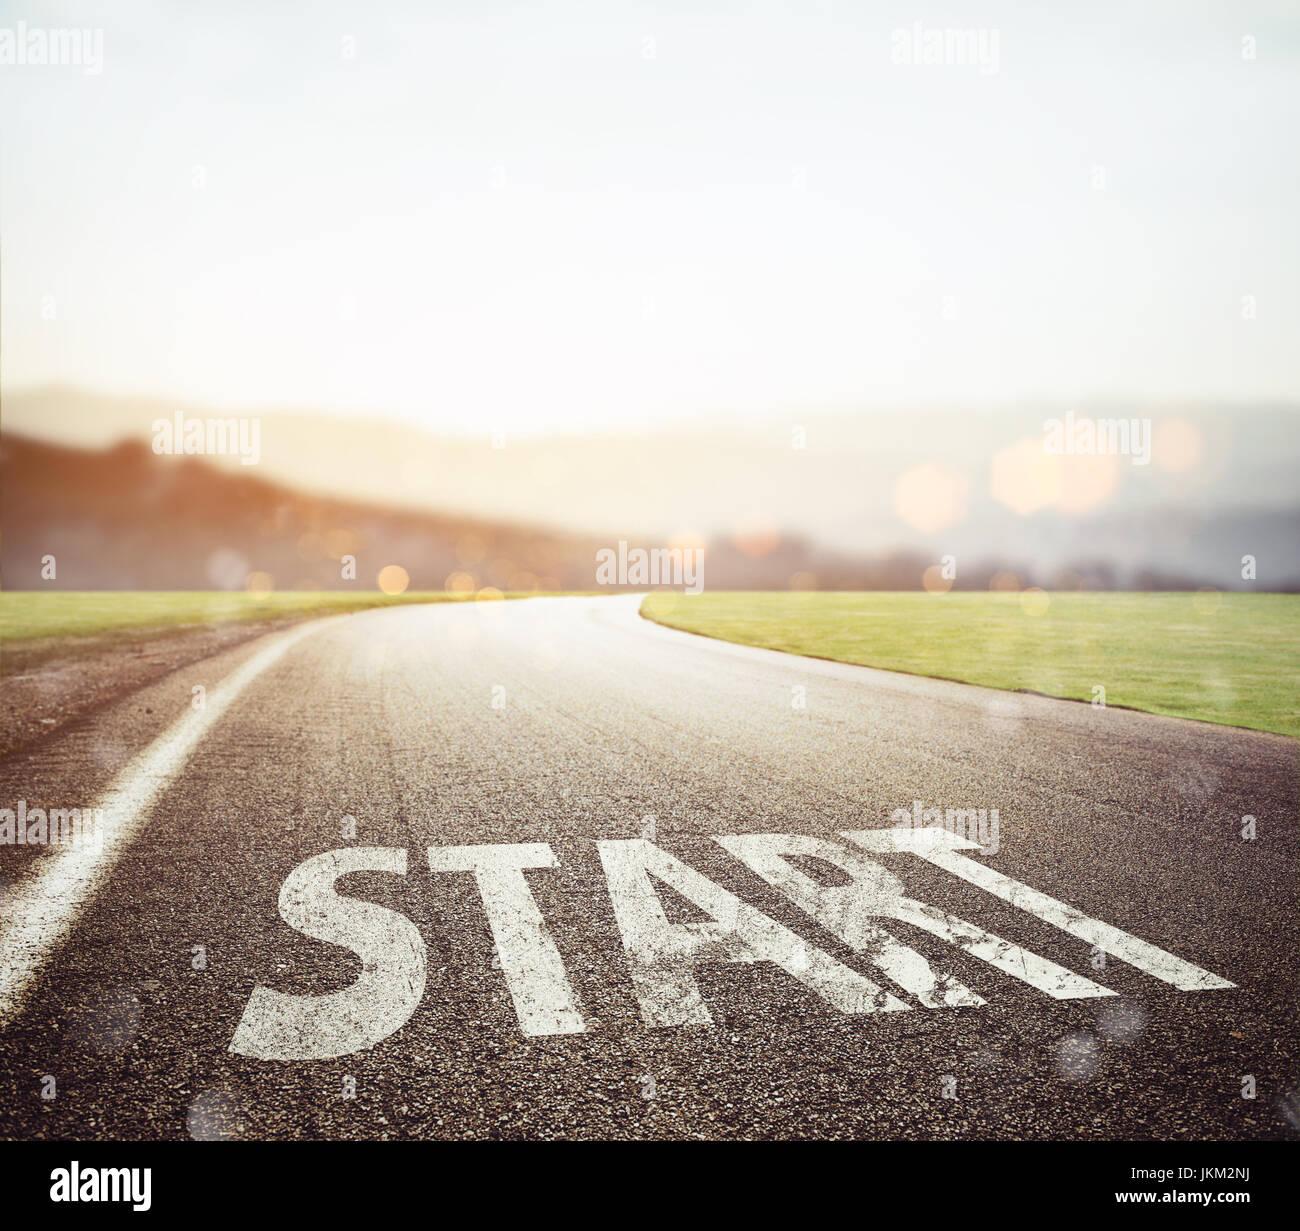 Avviare scritto al suolo su una strada al tramonto Immagini Stock